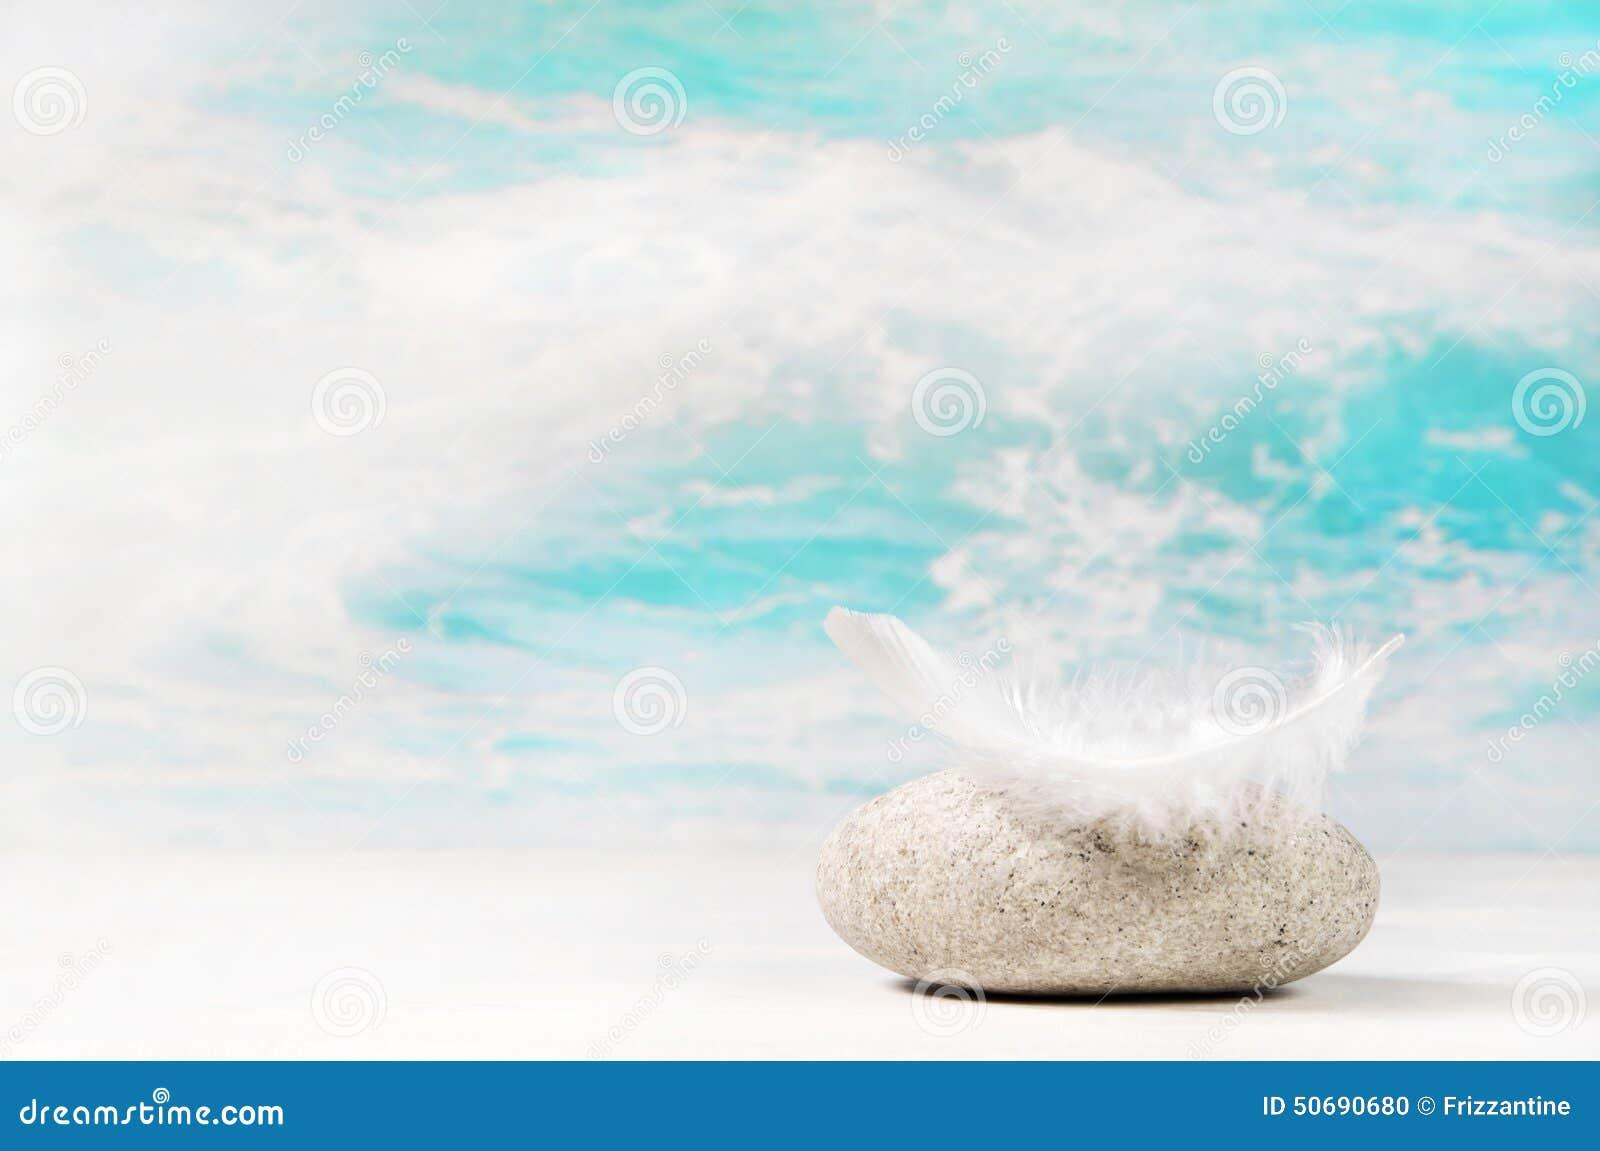 Download 在石头的胆怯:吊唁或温泉骗局的背景 库存照片. 图片 包括有 幸福, 死亡, 重新生成, 看板卡, 感觉 - 50690680